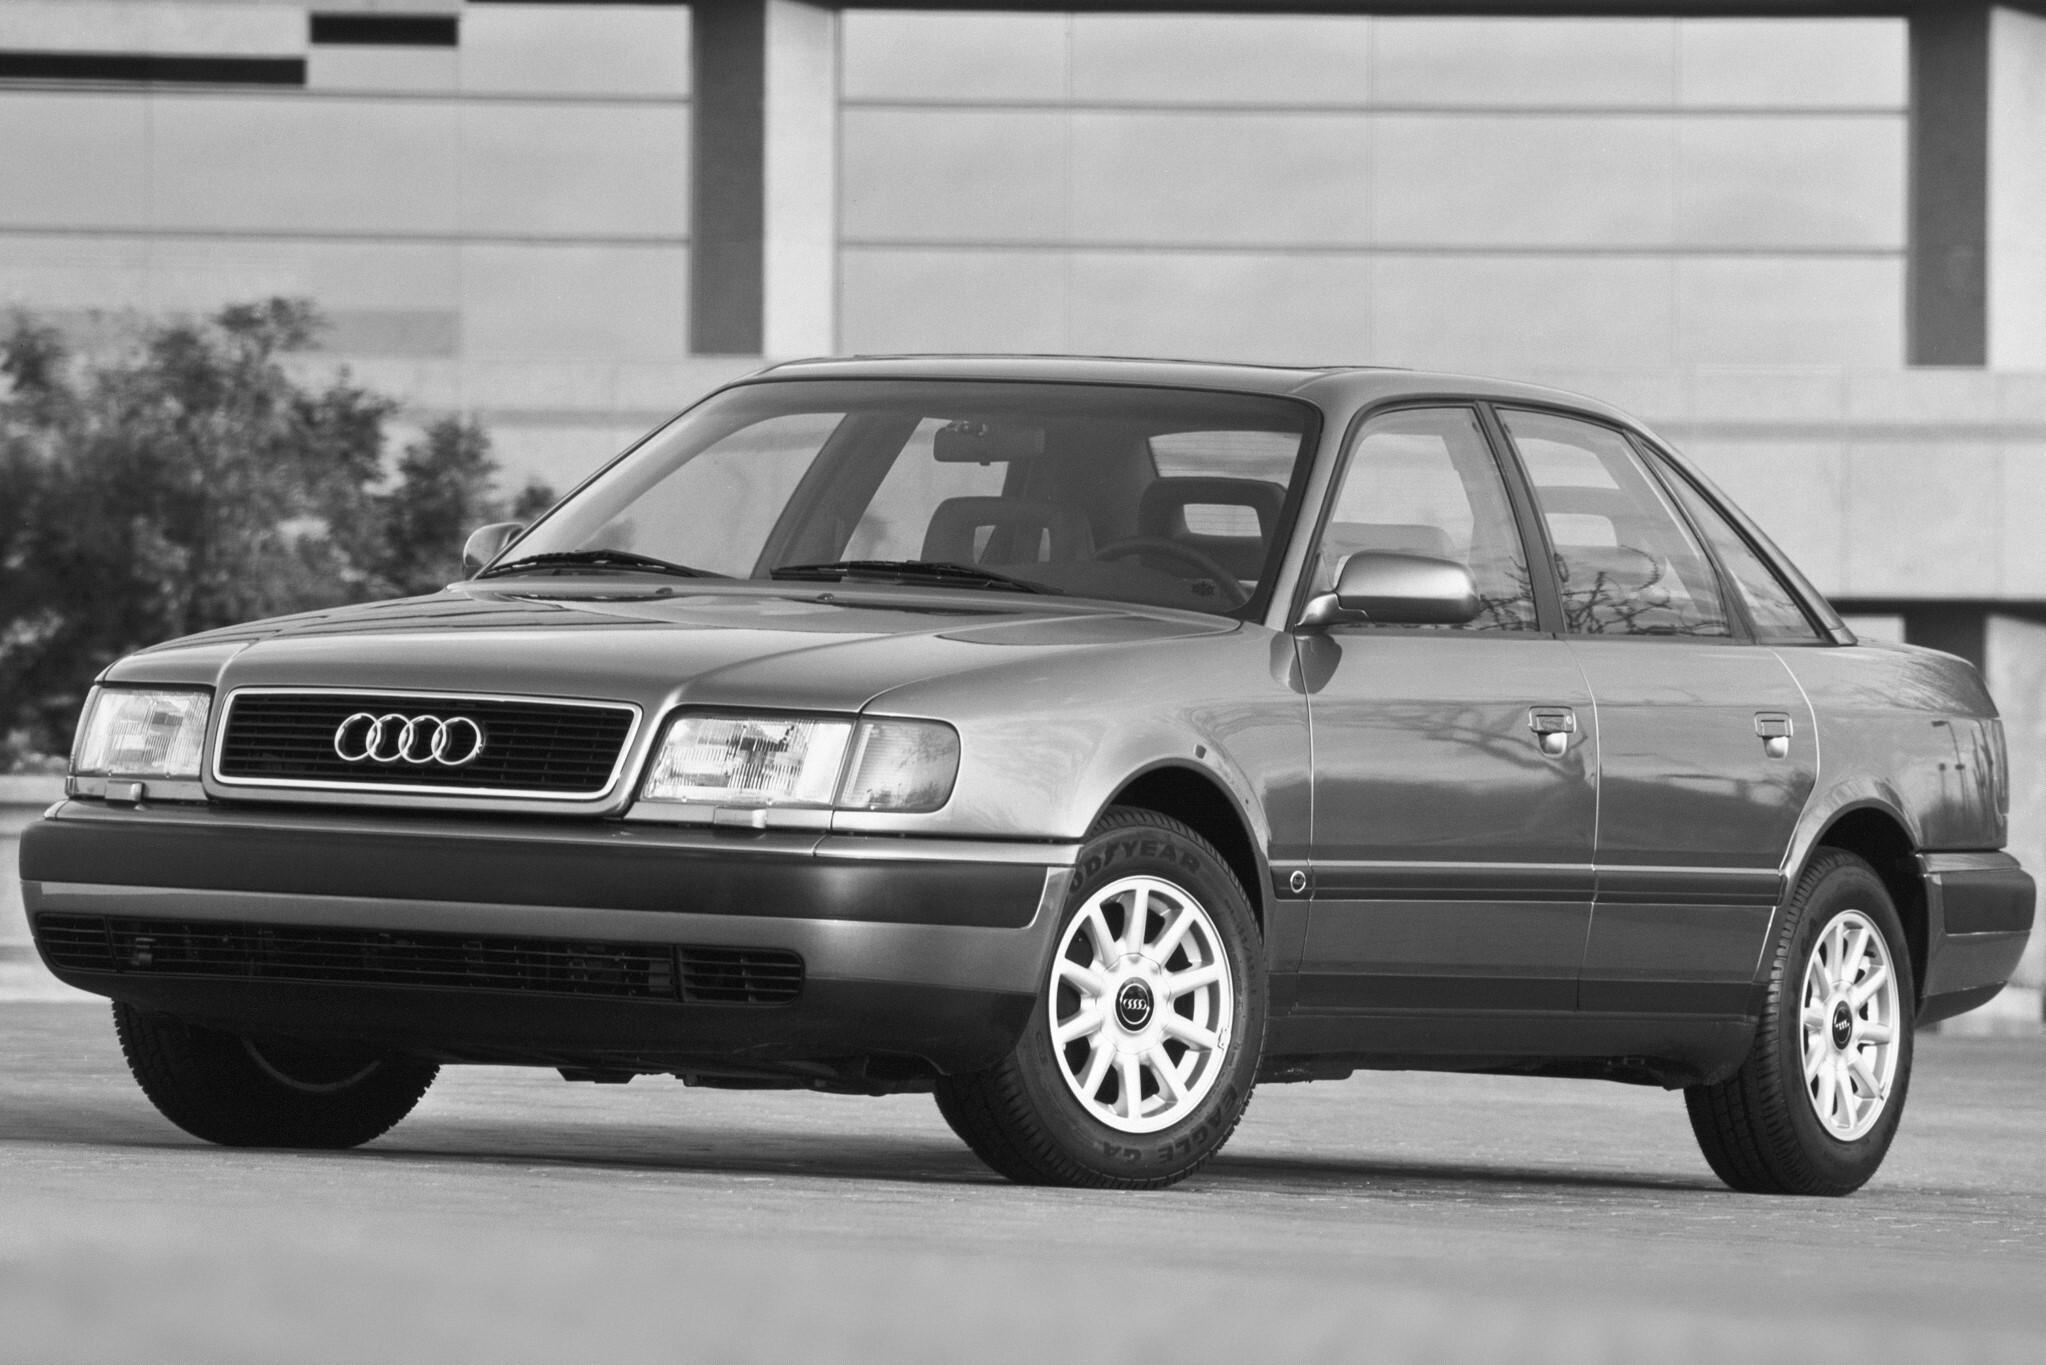 Как отключить зажигание и поступление топлива на Audi 100 C4